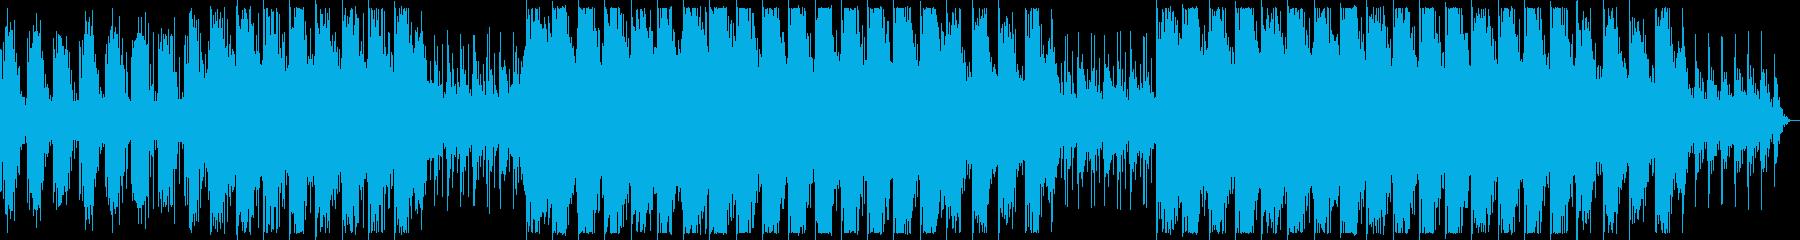 幻想的でダークなBGM ロングの再生済みの波形